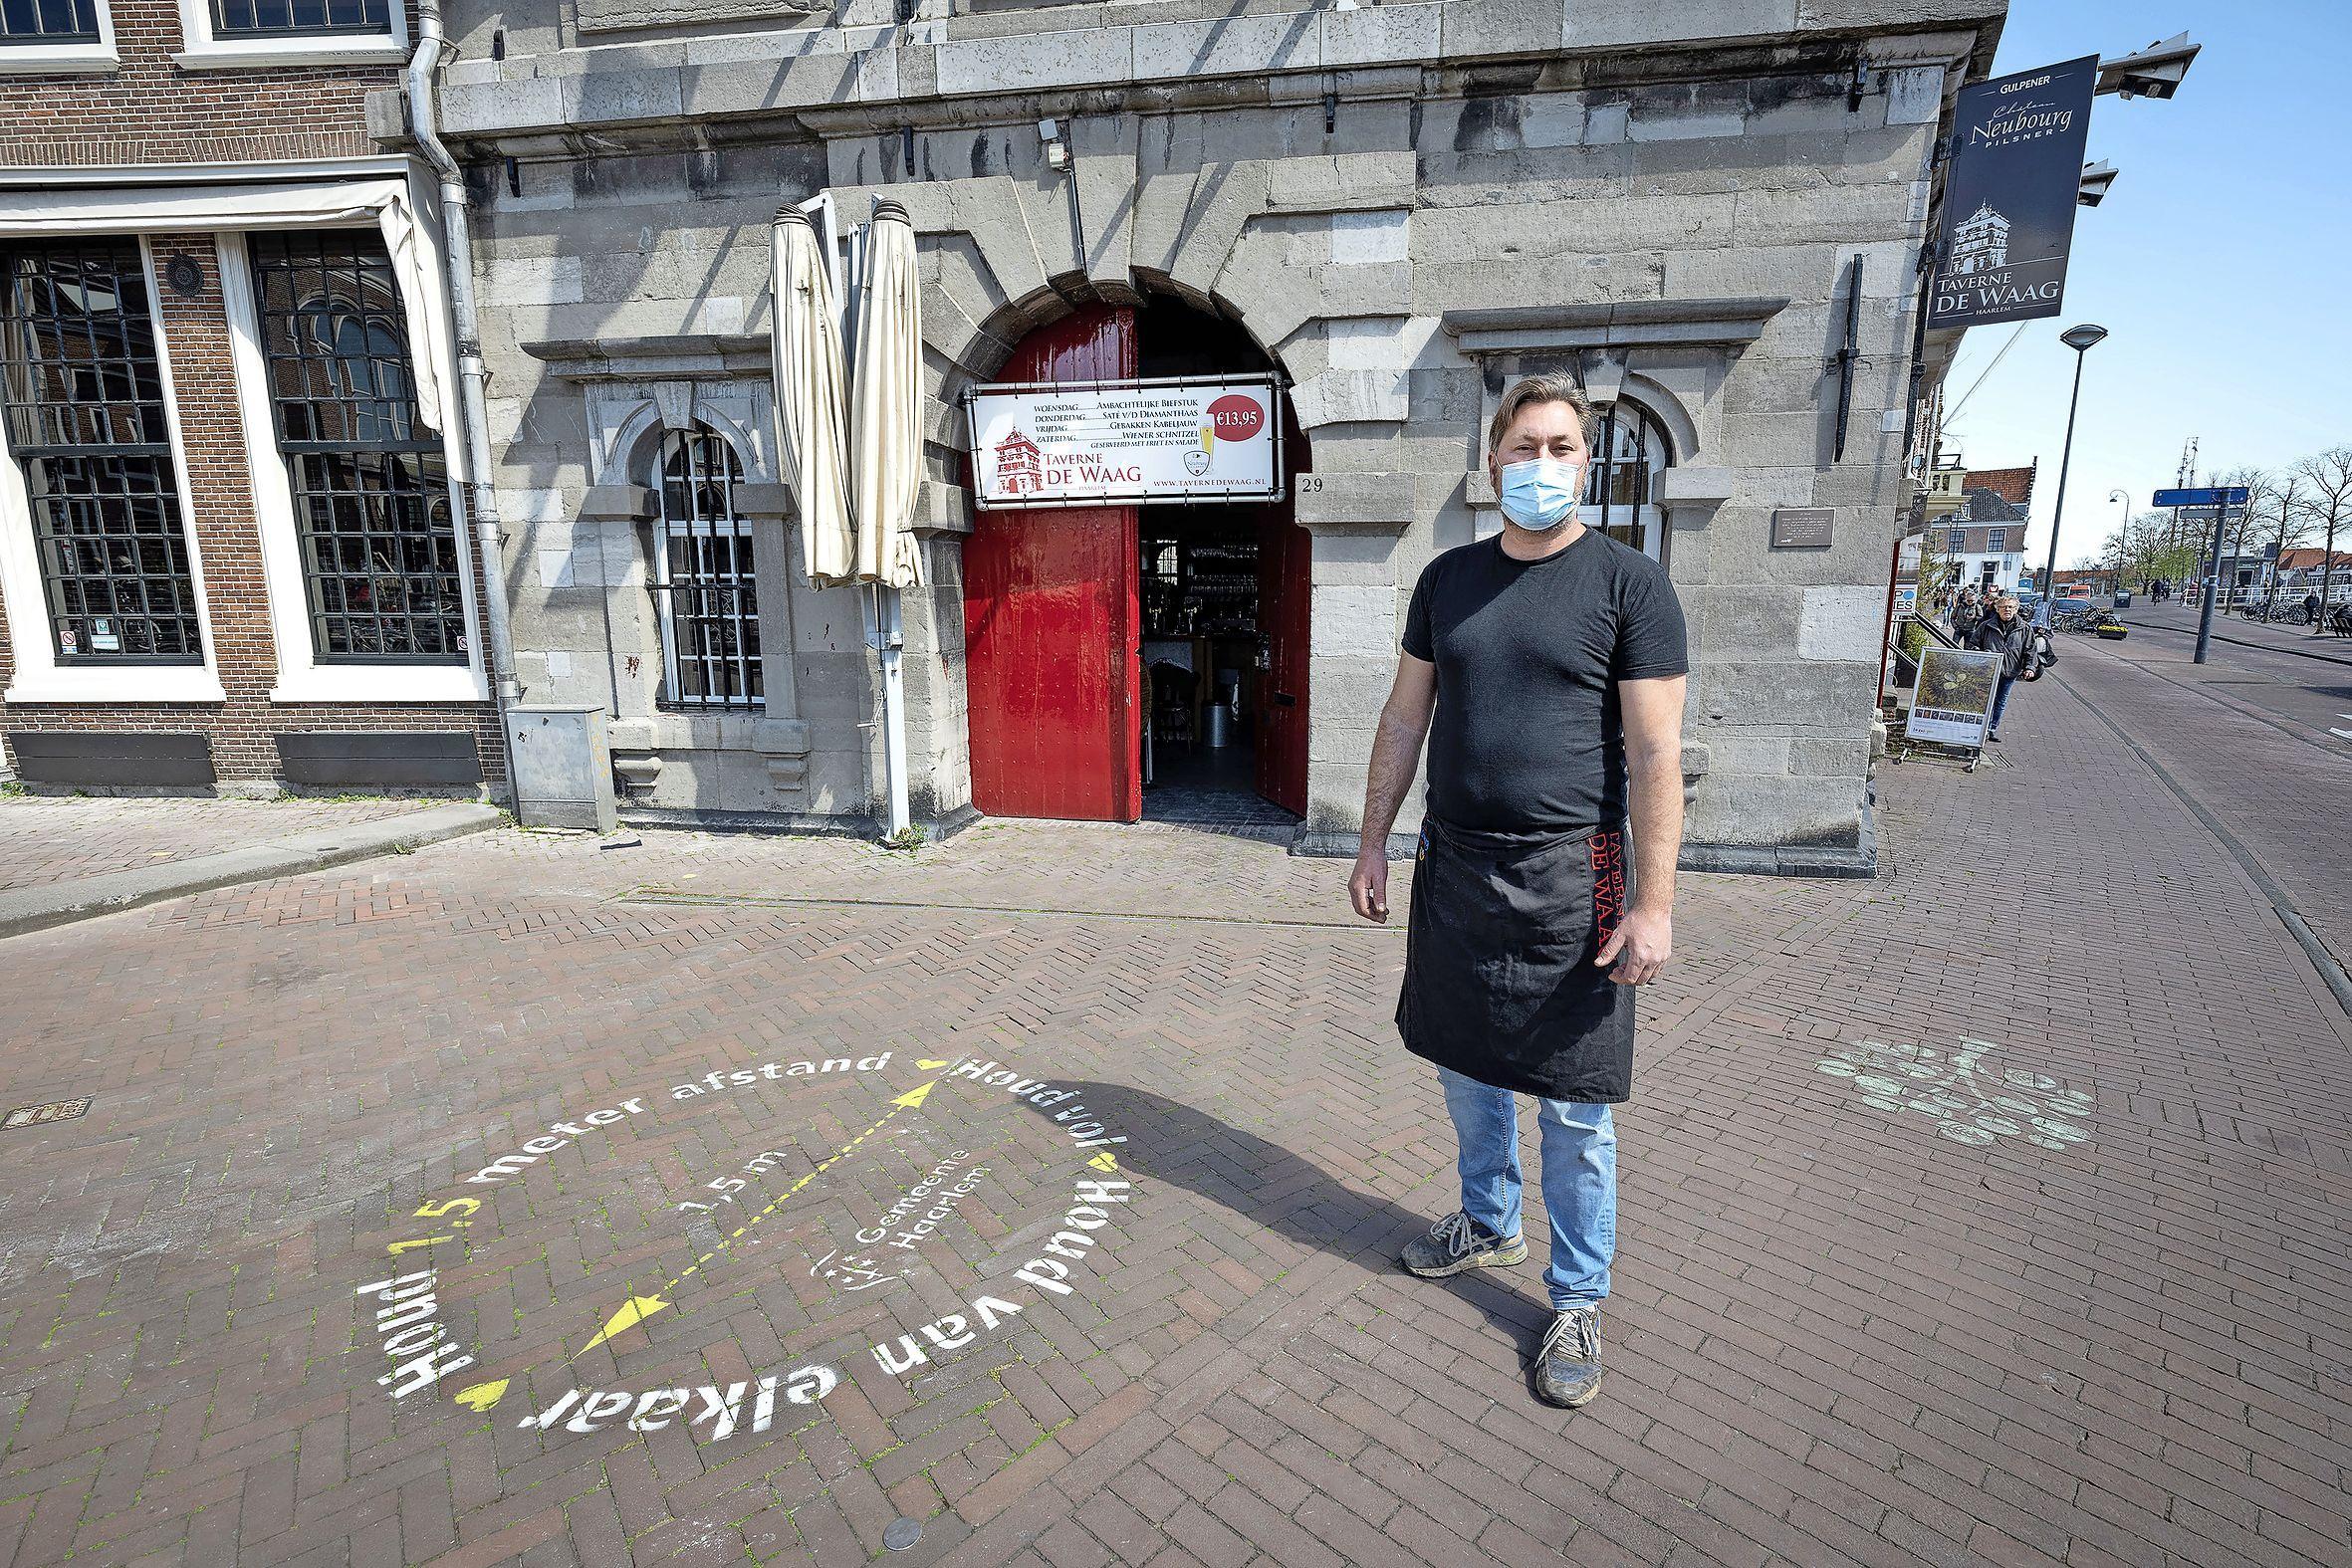 Het terras van De Waag in Haarlem blijft dicht ondanks de versoepelingen: 'Ik vind het onverantwoord tegenover mijn gasten en de ziekenhuizen'